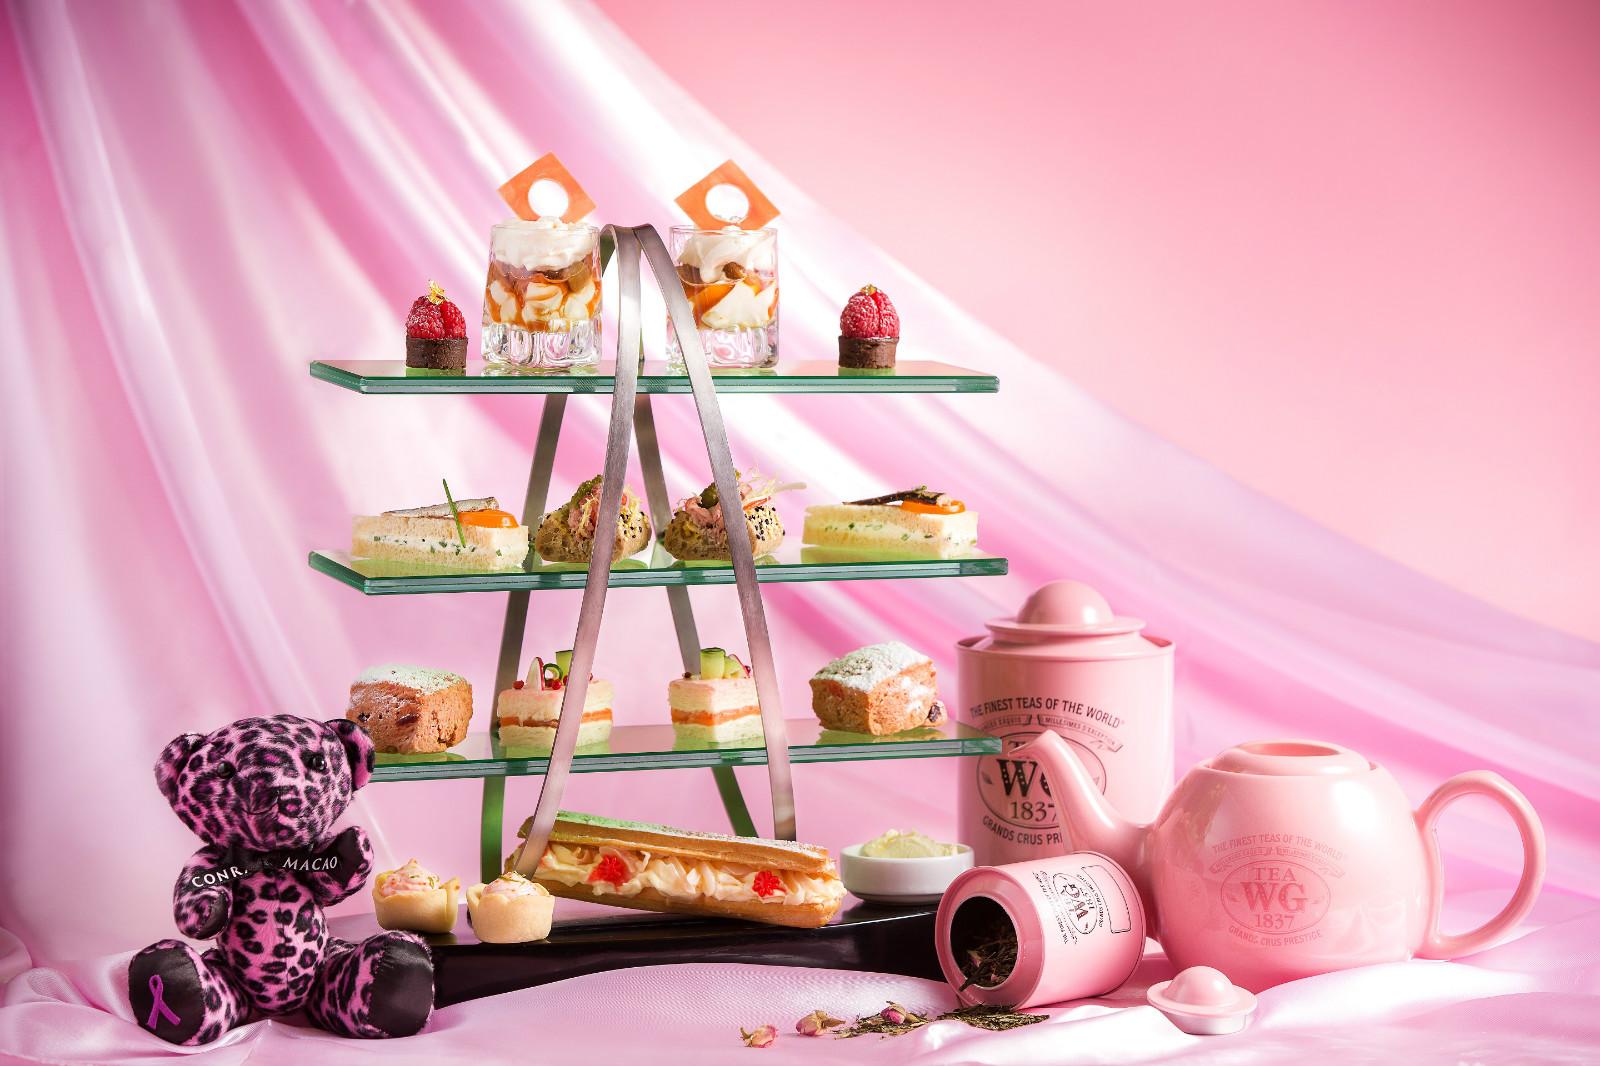 澳门康莱德呈献「粉红下午茶套餐」